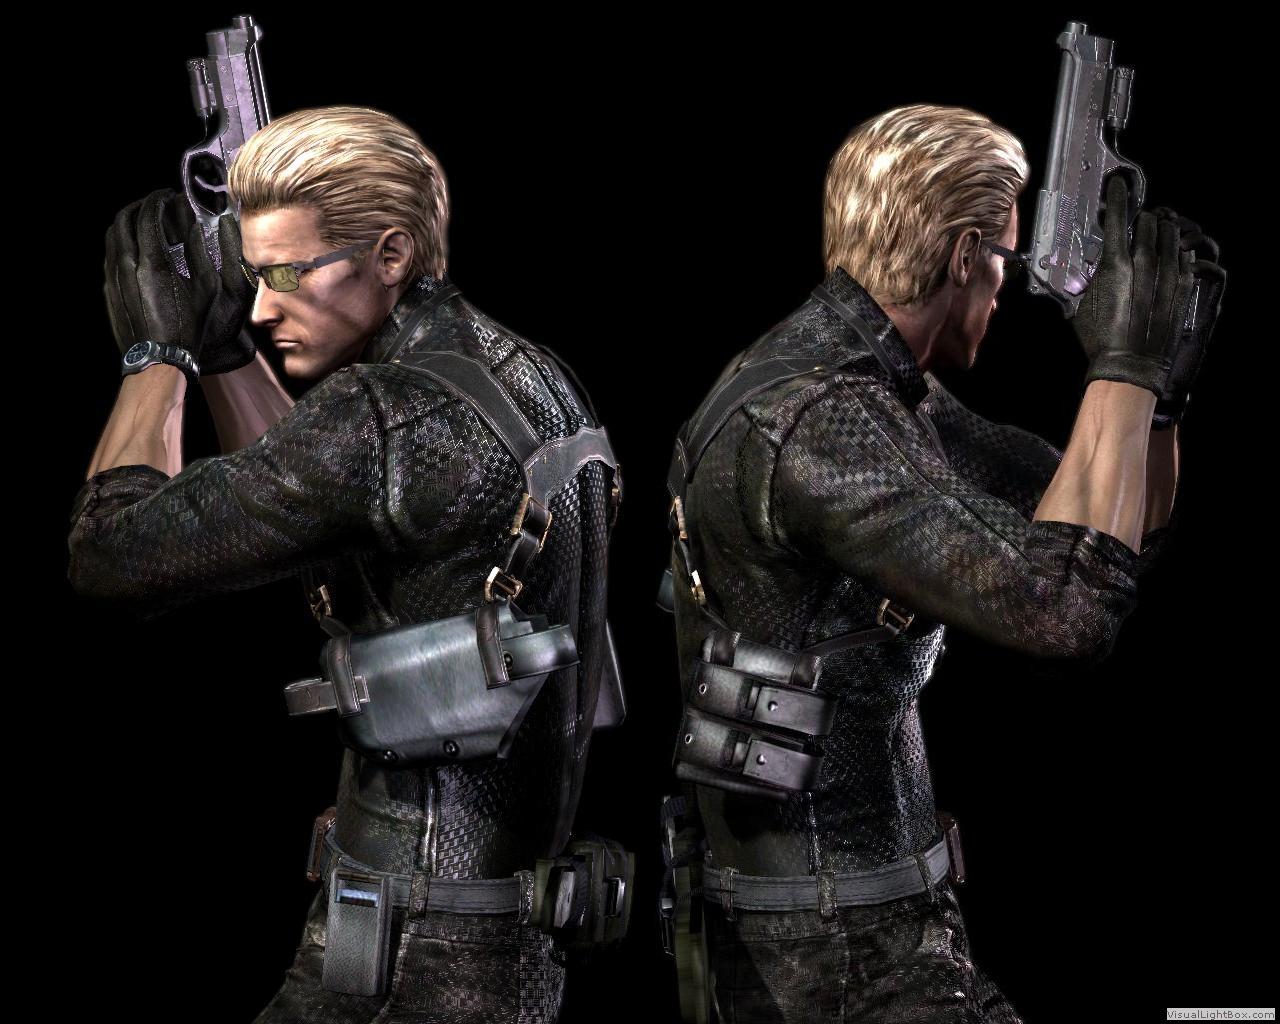 Wesker Resident Evil V 1280x1024 Wallpaper Teahub Io